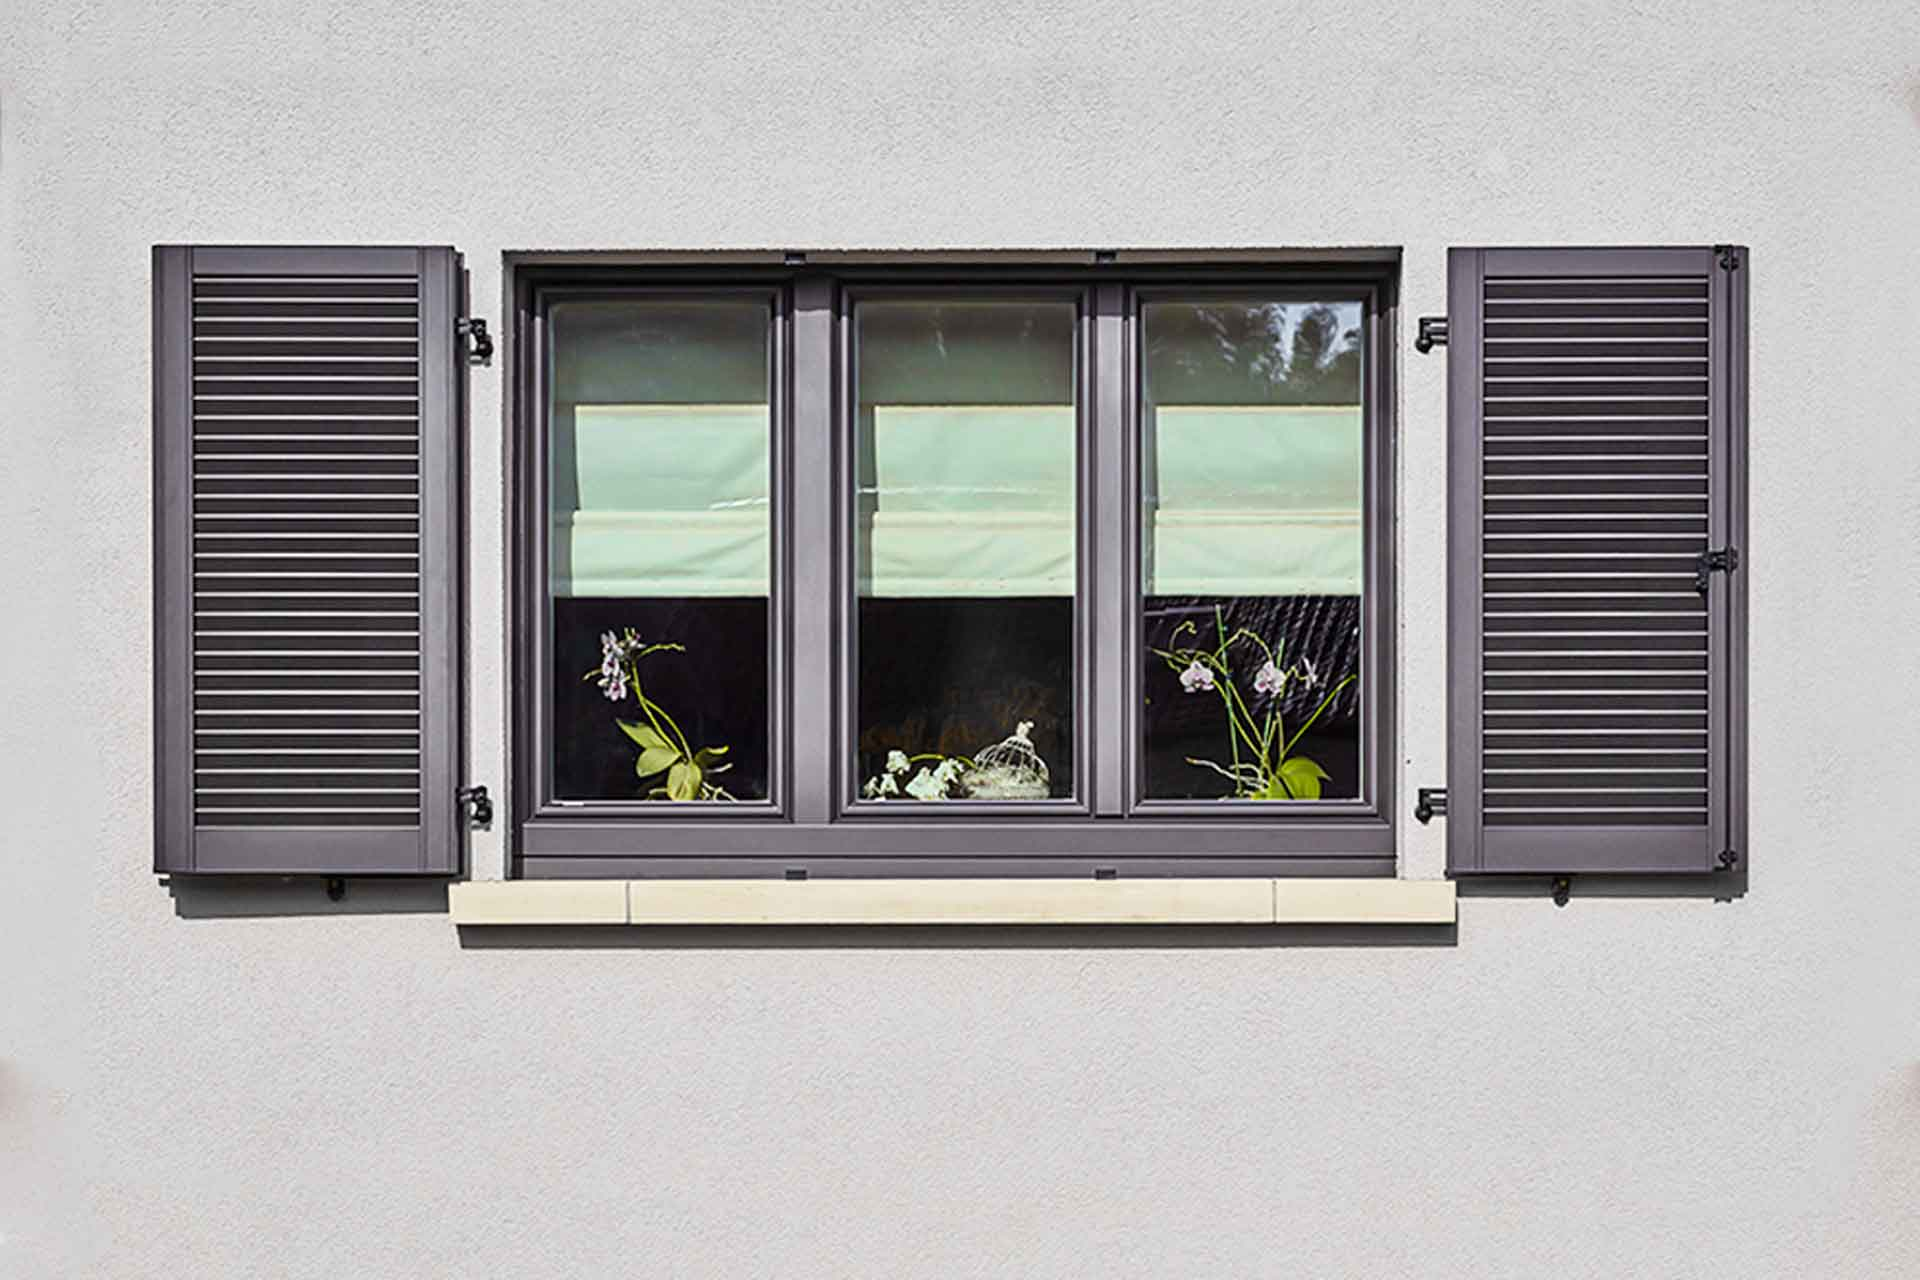 Full Size of Einbruchsichere Fenster Coplaning Sa Innovative Einbau Aron Reinigen Ebay Sichtschutz Auf Maß Einbauen Sichtschutzfolie Einseitig Durchsichtig Fenster Einbruchsichere Fenster